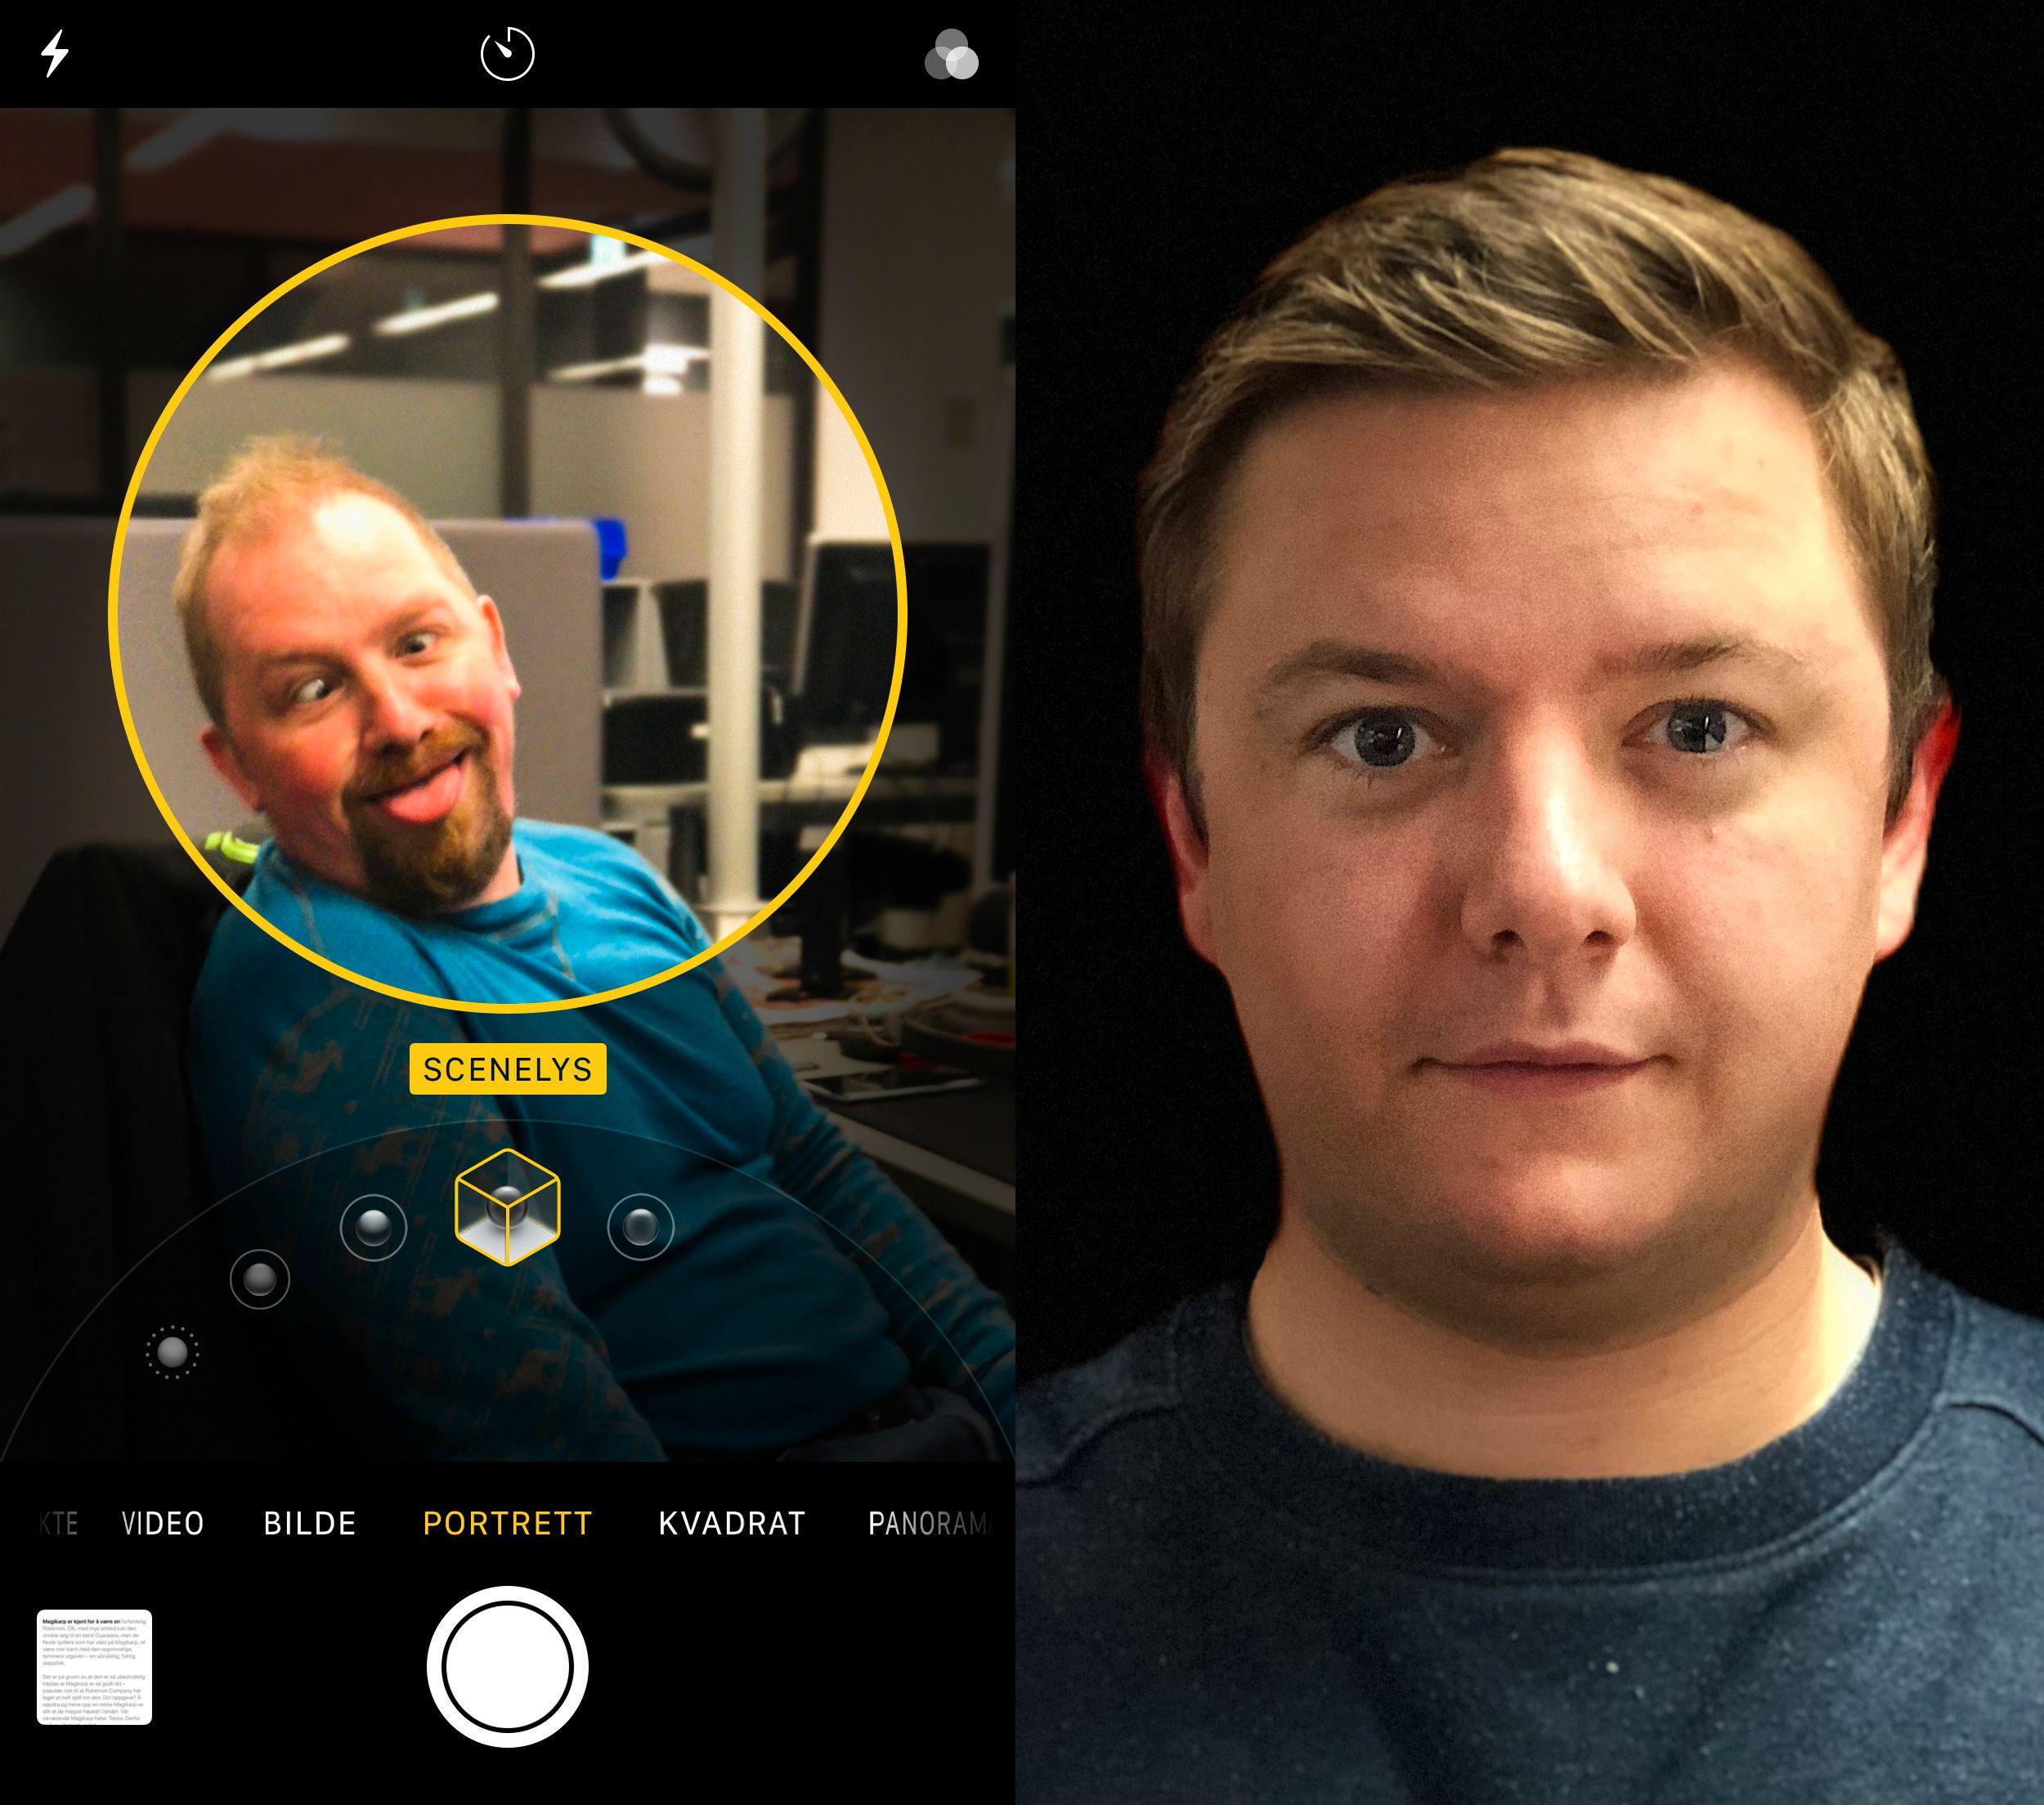 Hvis din lokale klovn mangler scene, og du har iPhone 8 Plus, eller X, kan iOS 11 diske opp. Resultatene blir omtrent som det du ser til høyre.